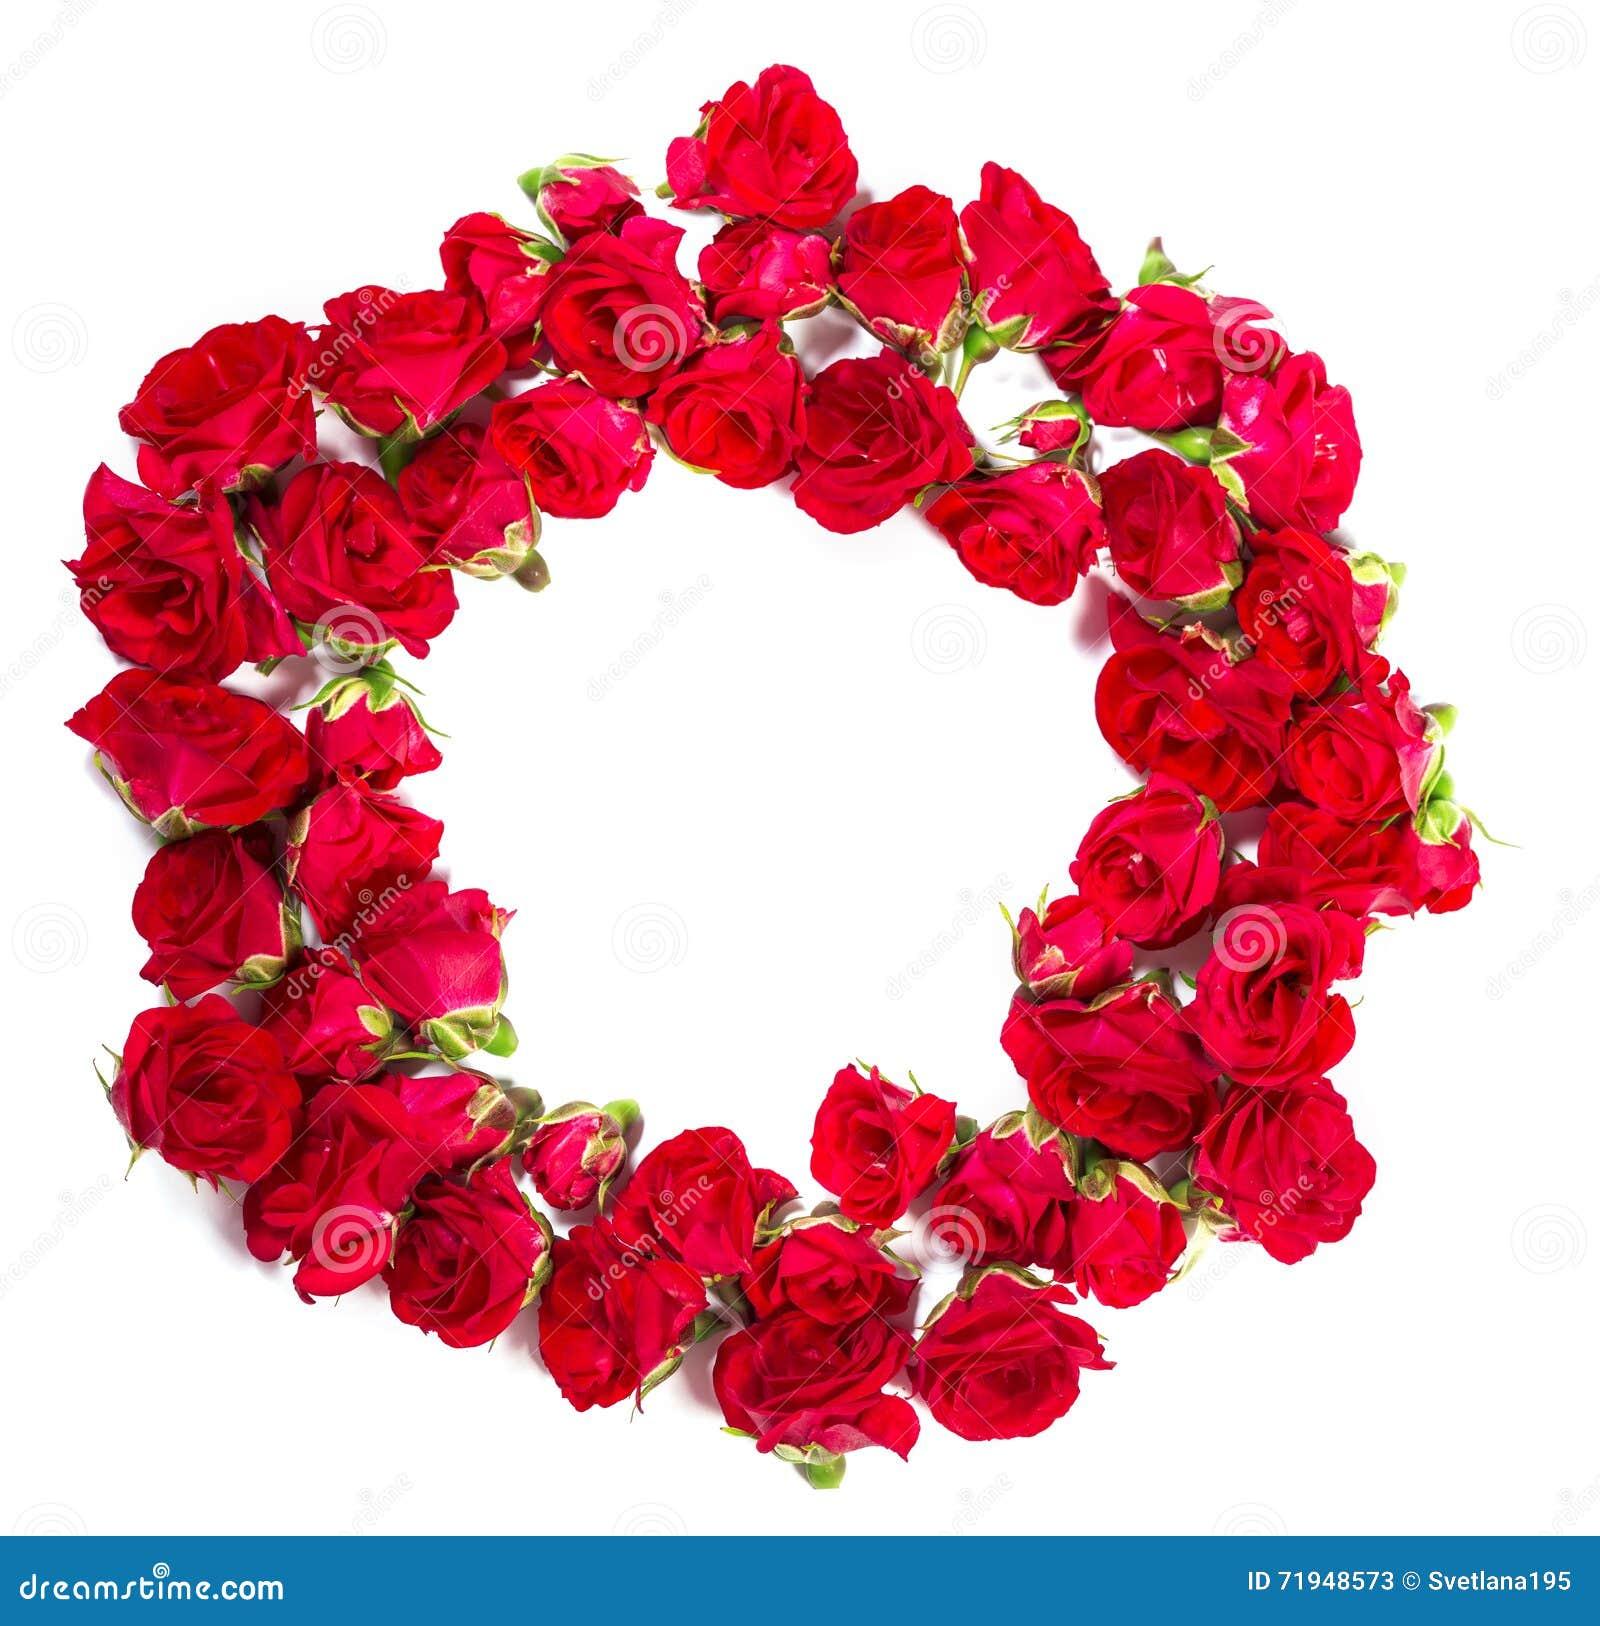 Букет роз аранжированных, что сформировать элемент кольца или дизайна для флористических тем